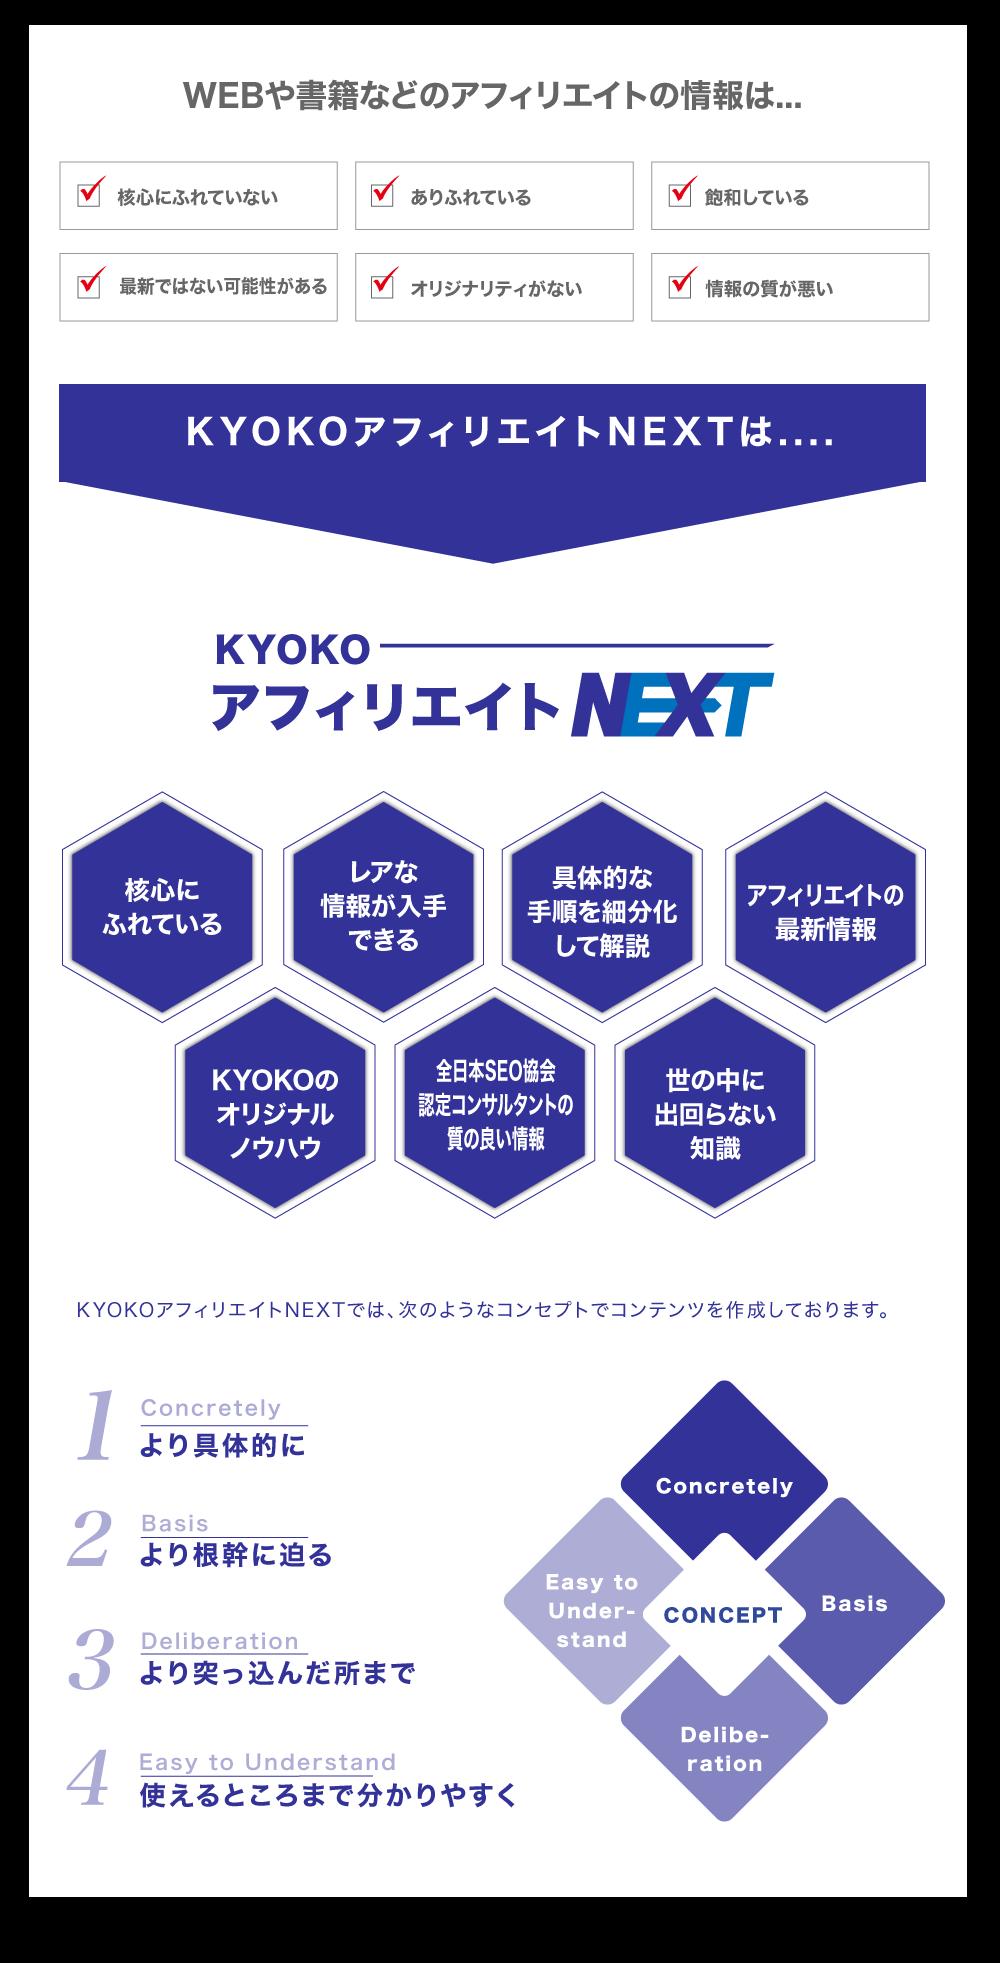 KYOKOアフィリエイトNEXTのコンセプトタイトル